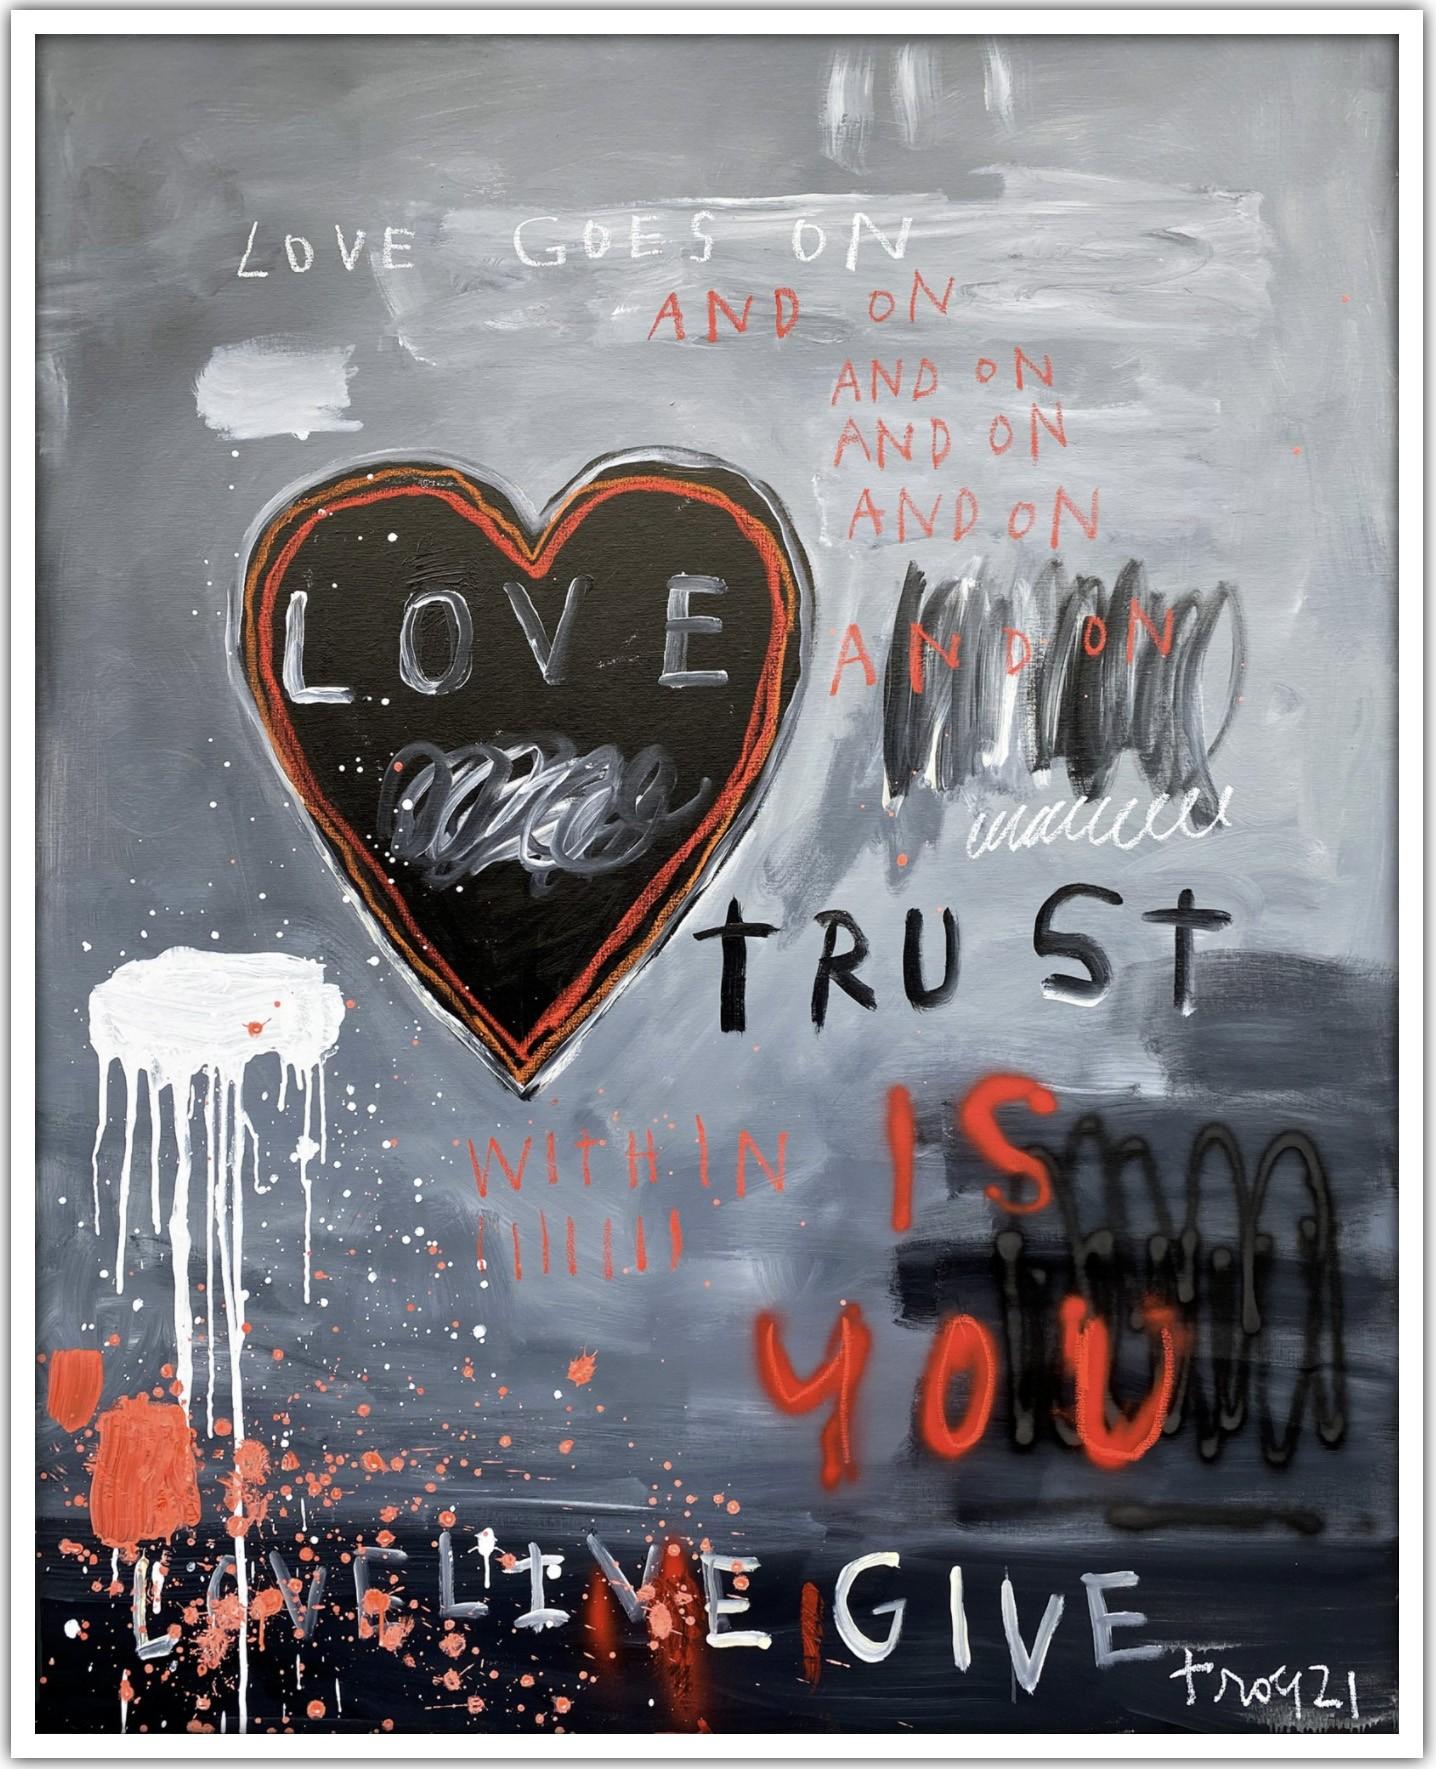 Troy Henriksen - Heart - Love goes on